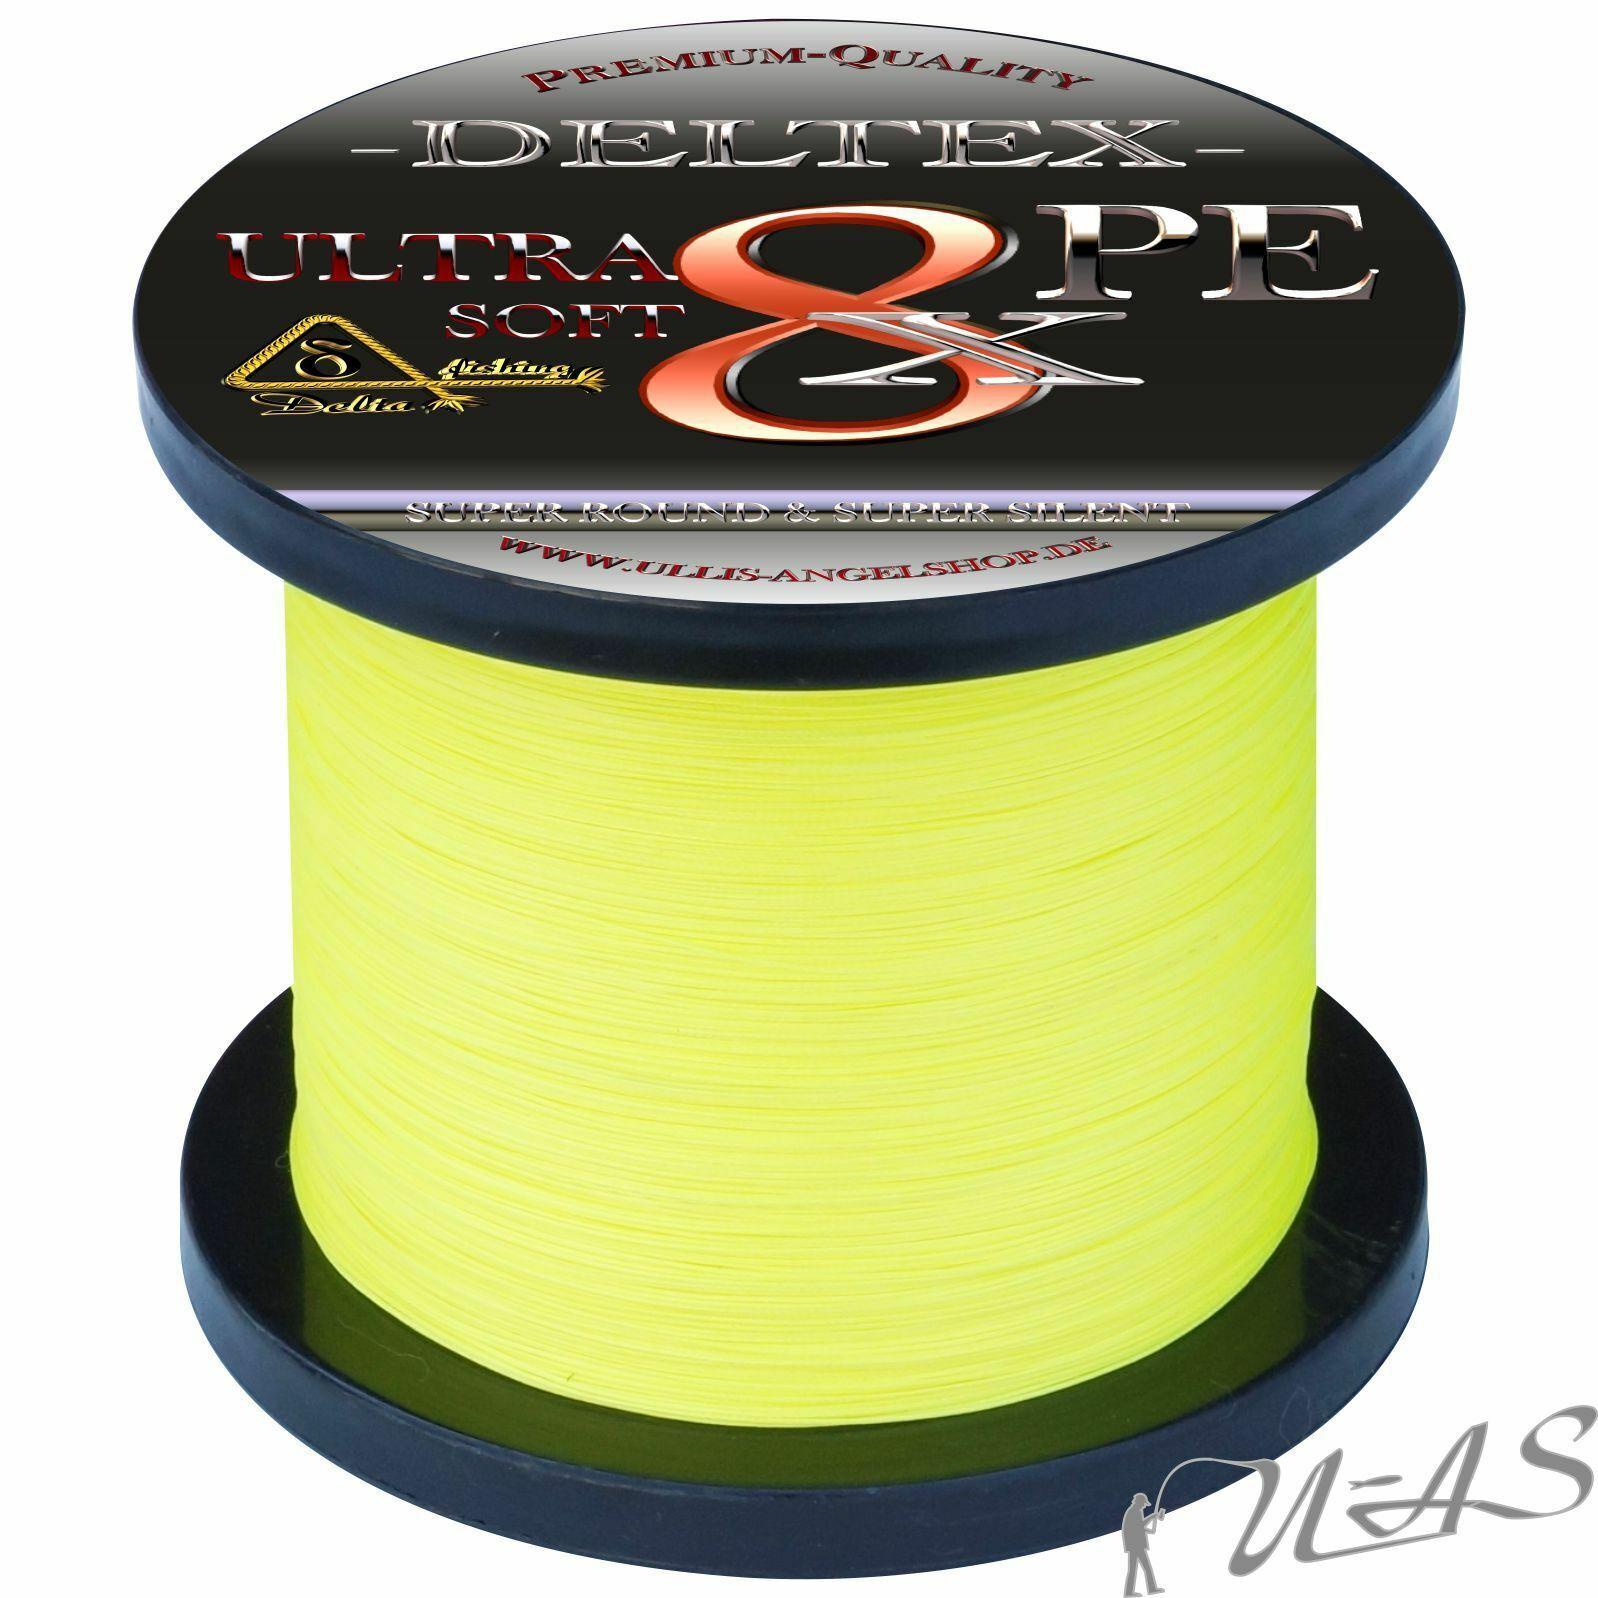 Deltex Ultra Soft Gituttio 0,32m 23.90kg 1000m 8 volte intrecciato lenza KVA